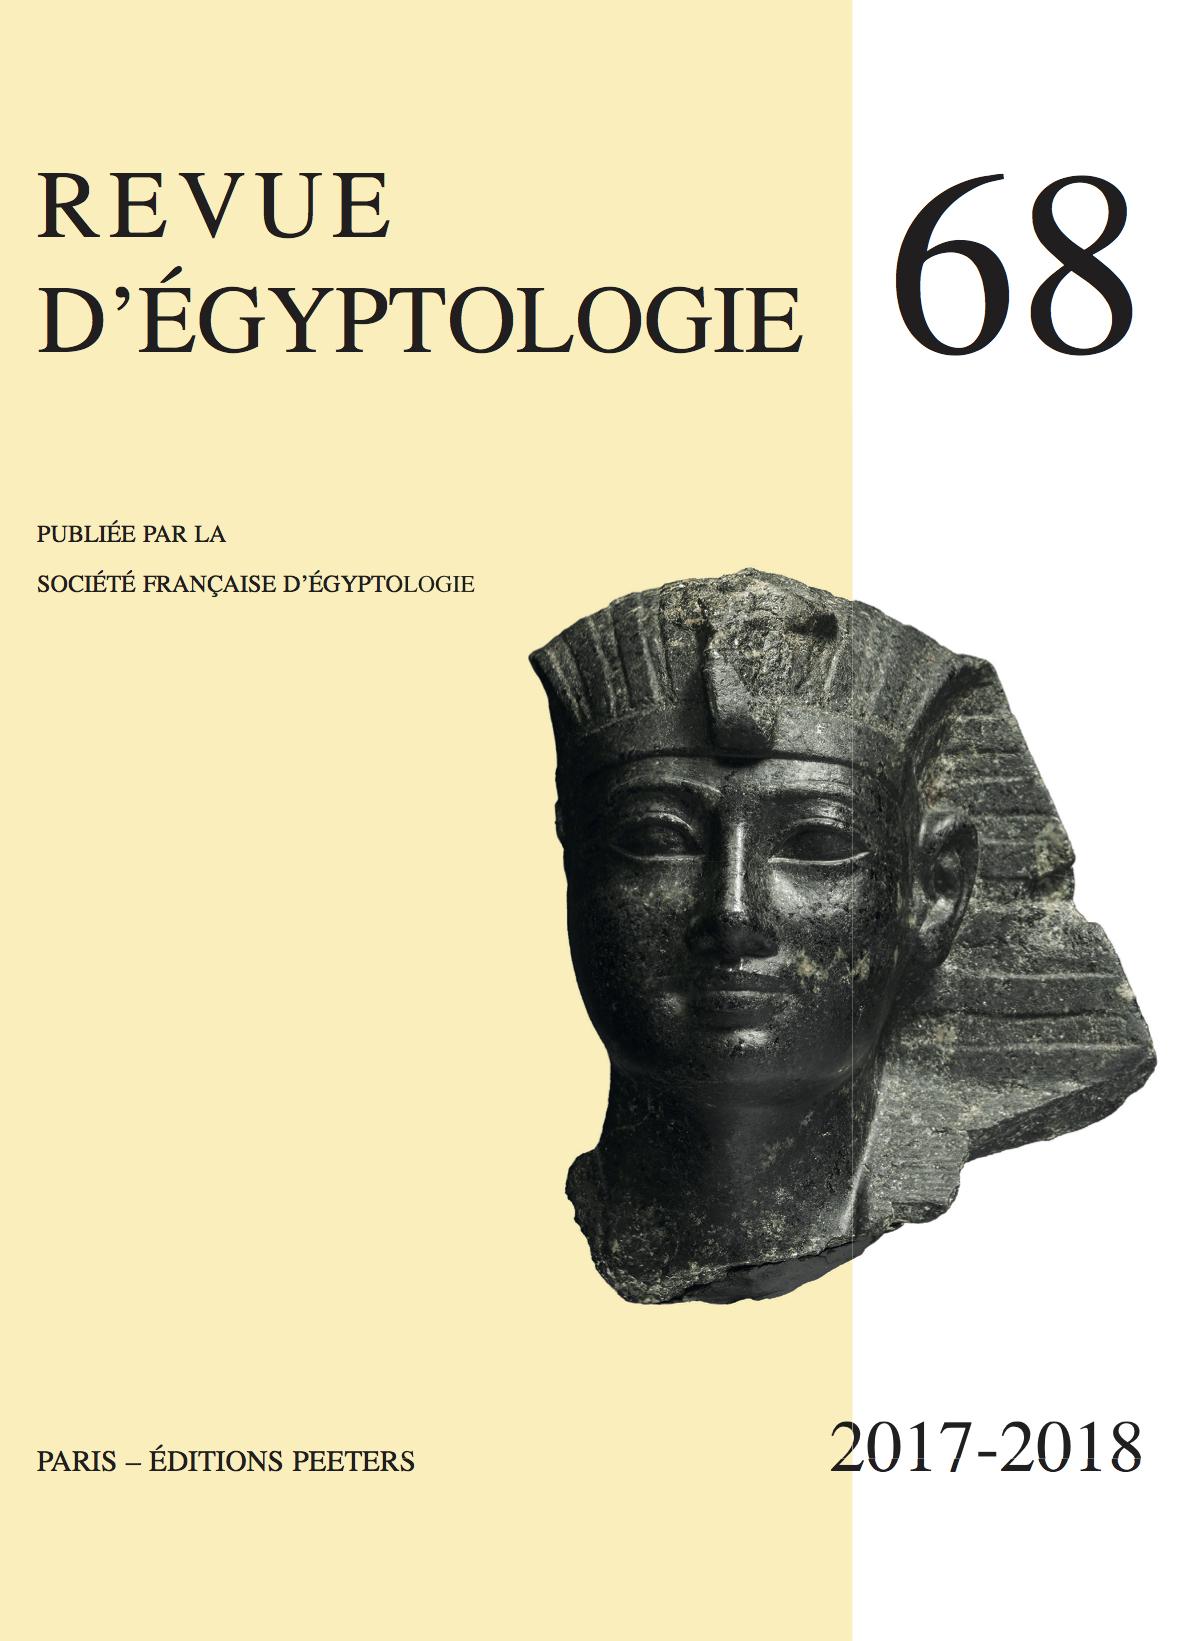 REVUE D'EGYPTOLOGIE